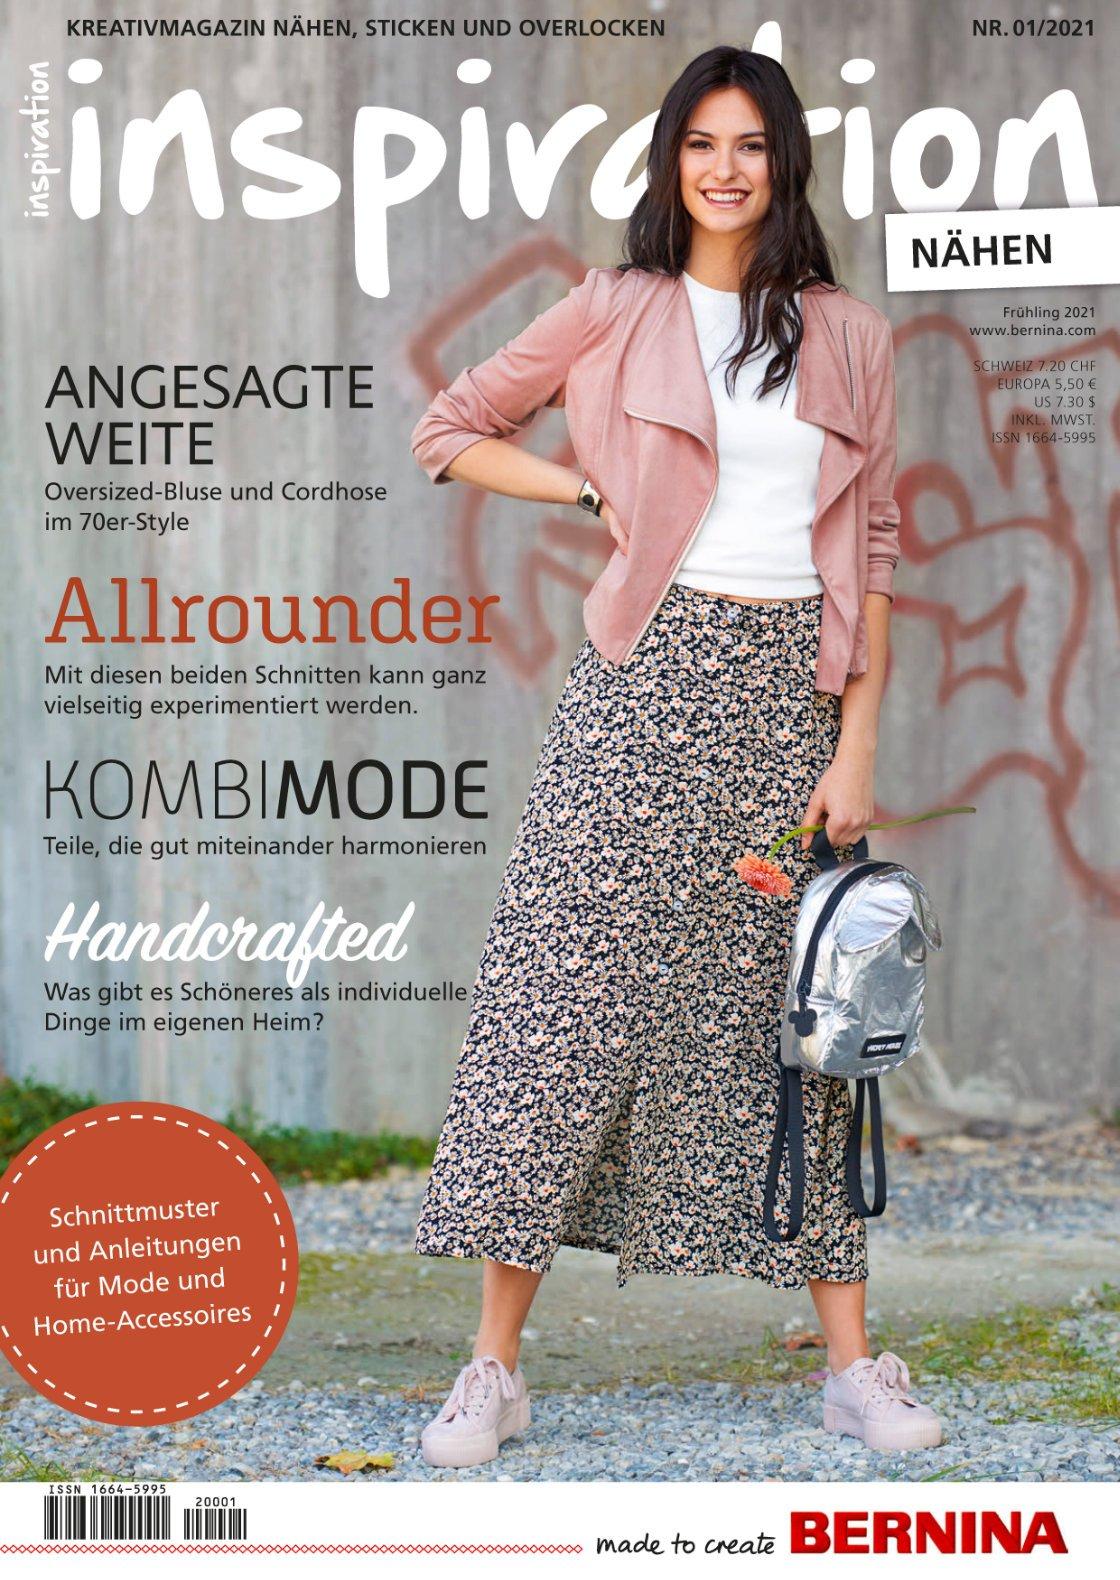 inspirationShop_Magazine_Cover_211-DE